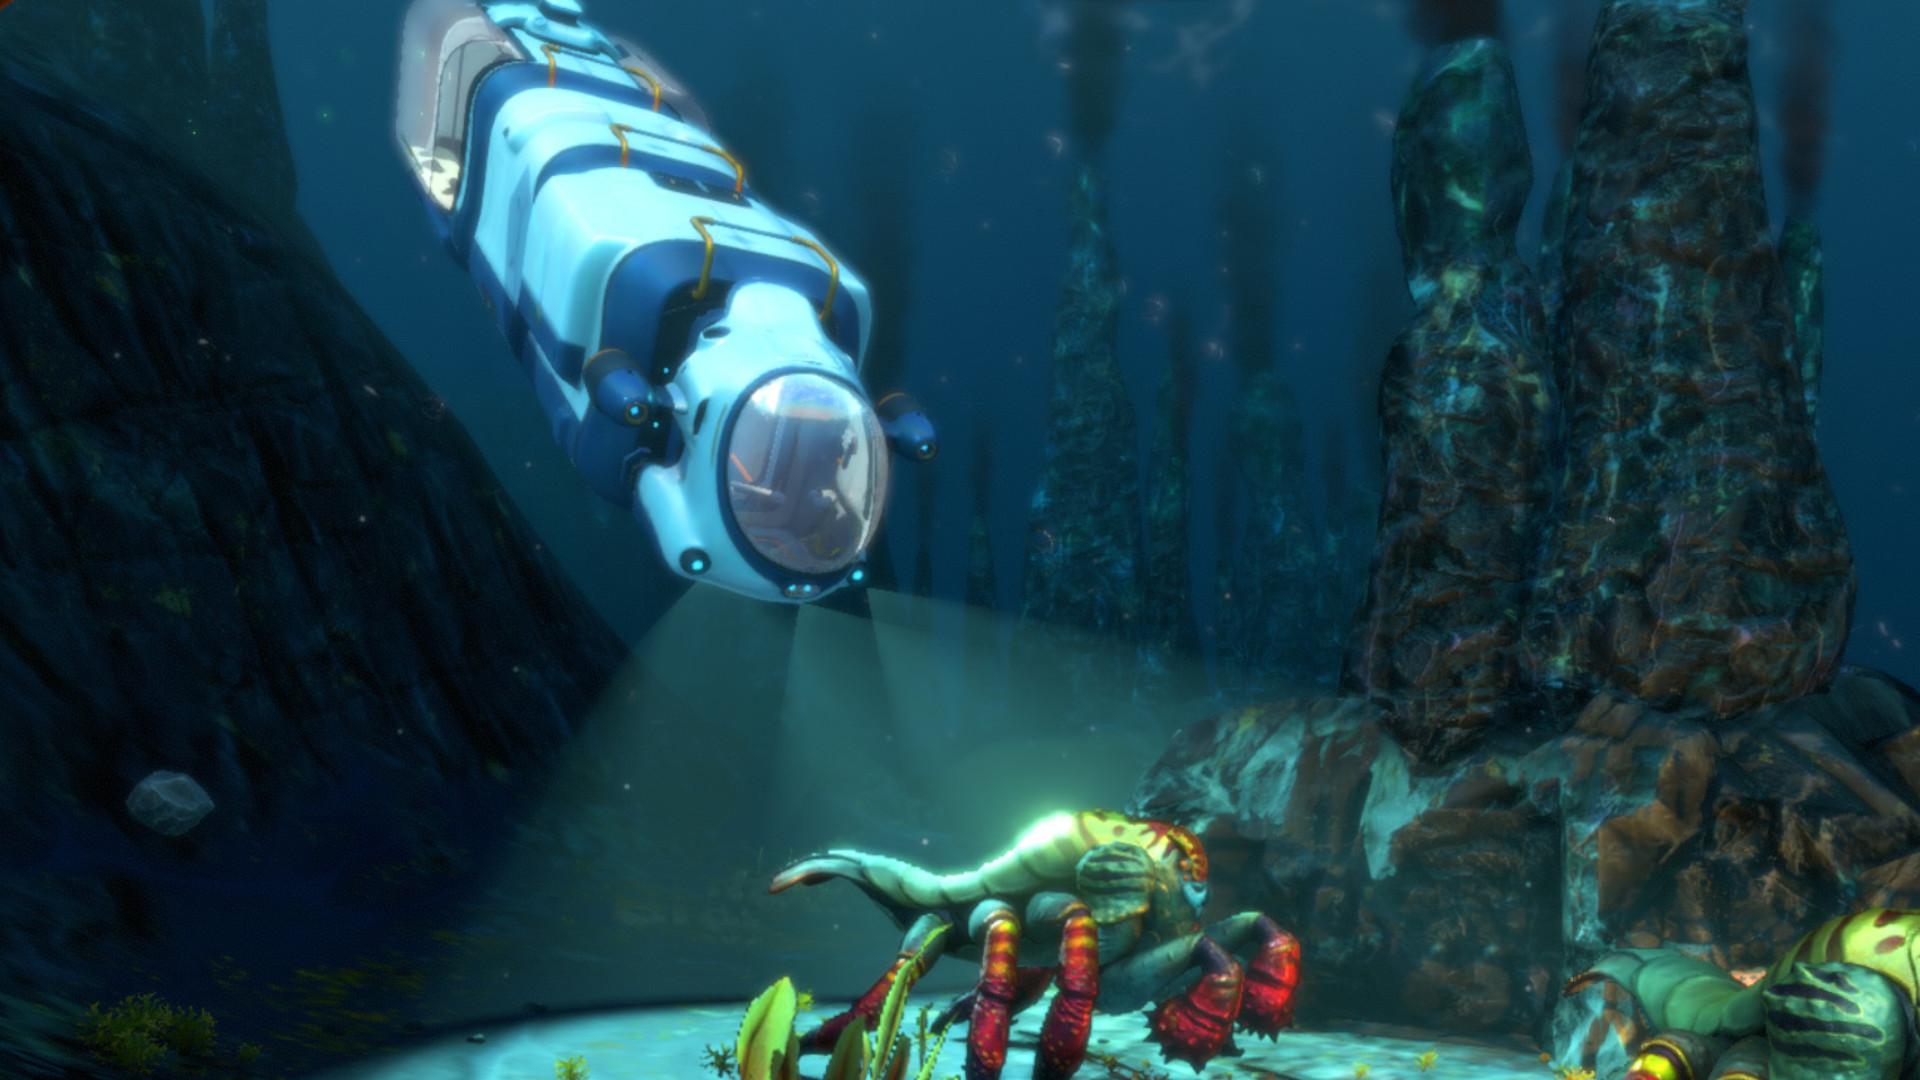 Subnautica: Below Zero - How to unlock a blueprint and build a Shrimp suit?